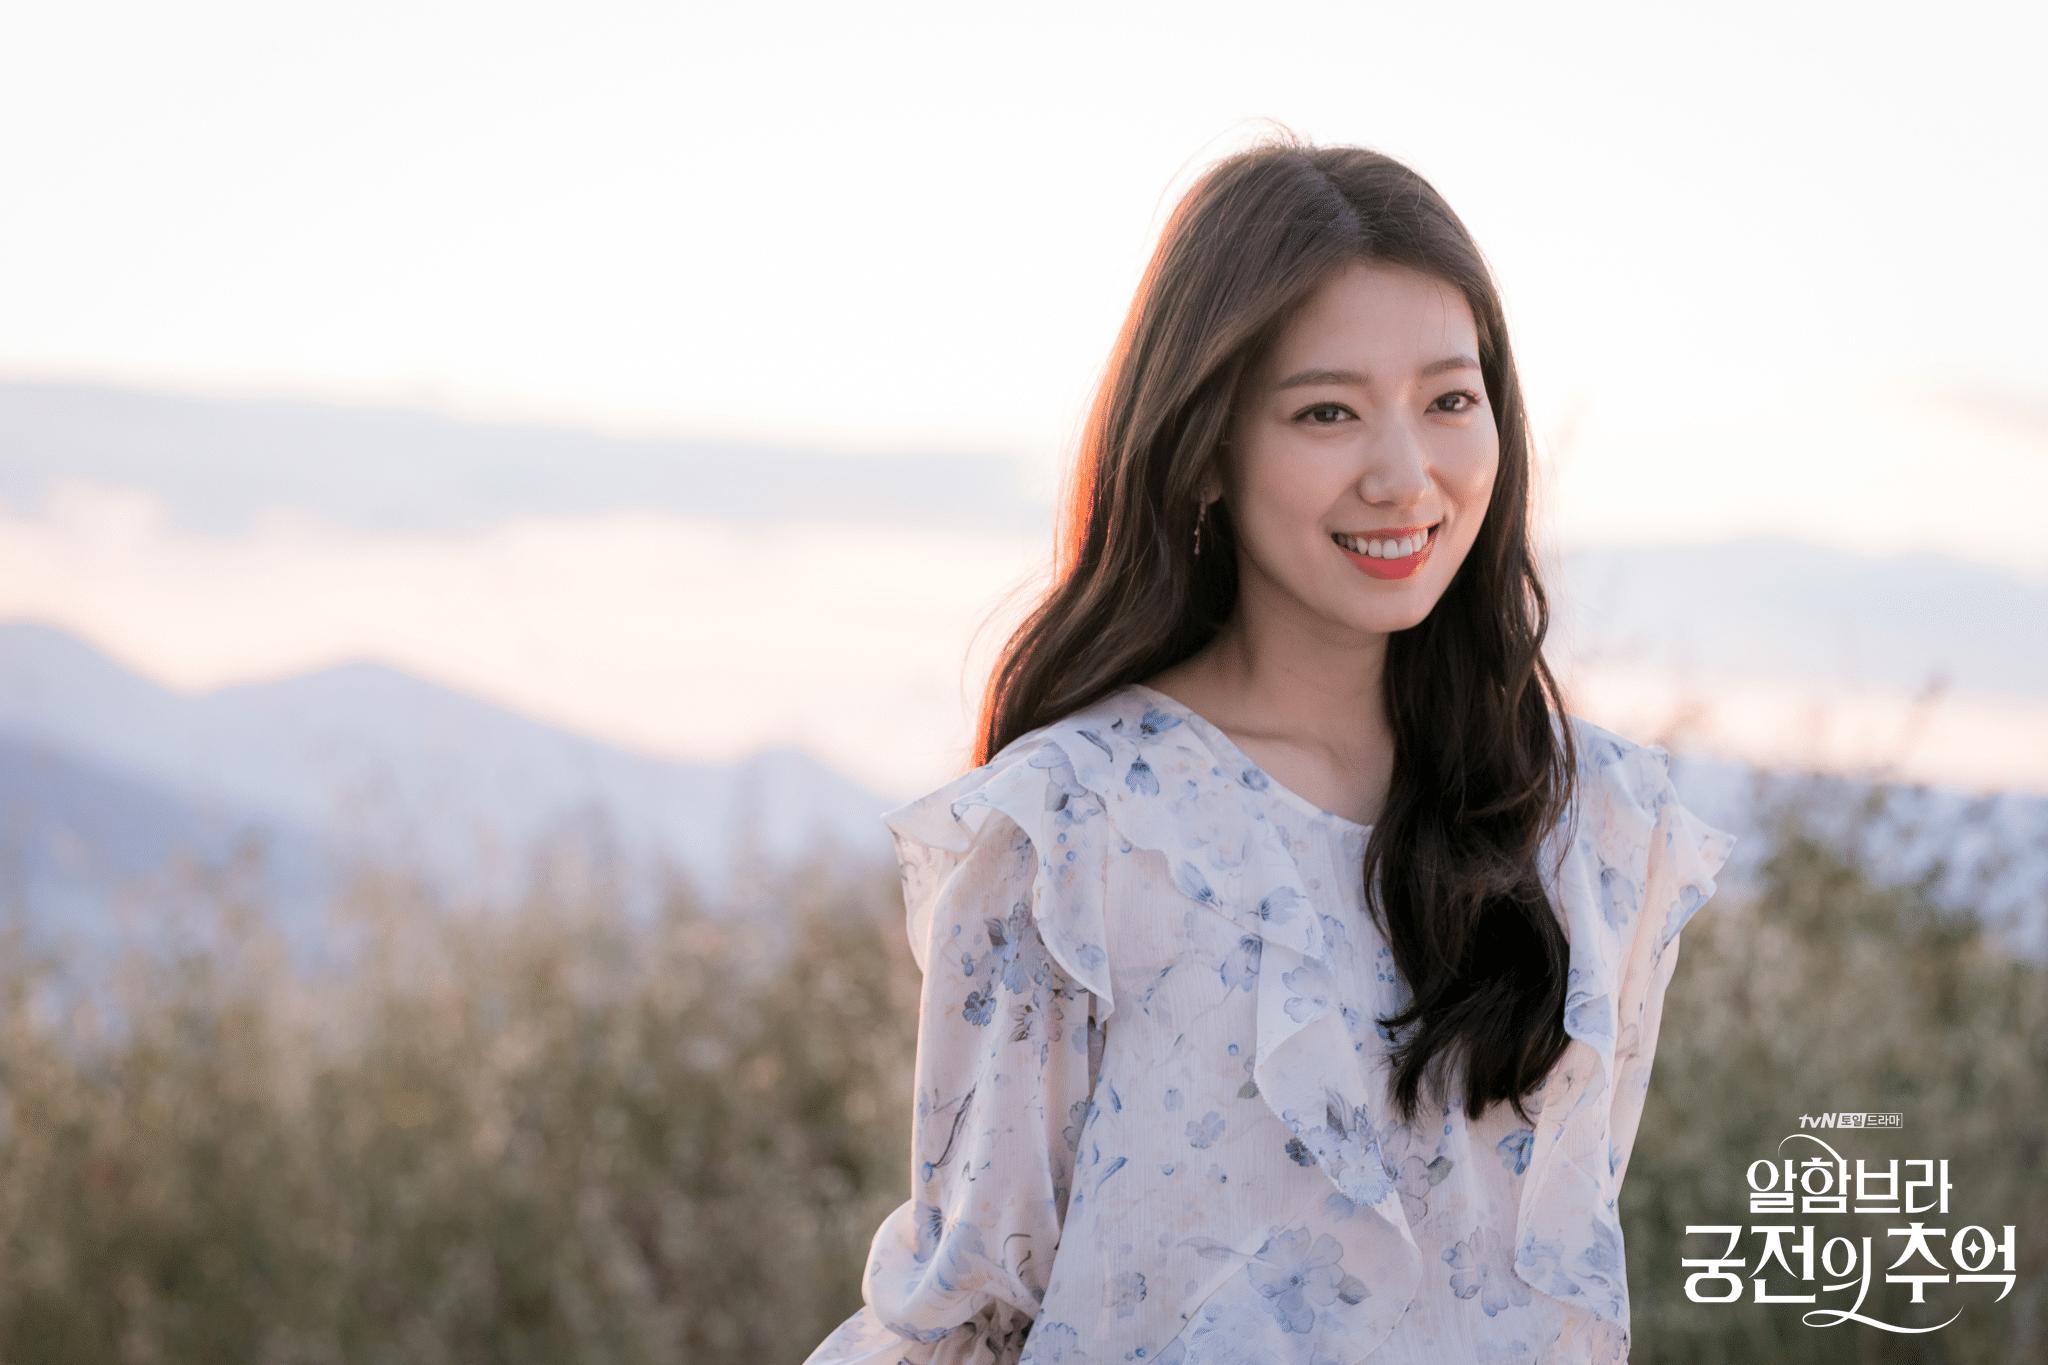 Park Shin-hye hot photos